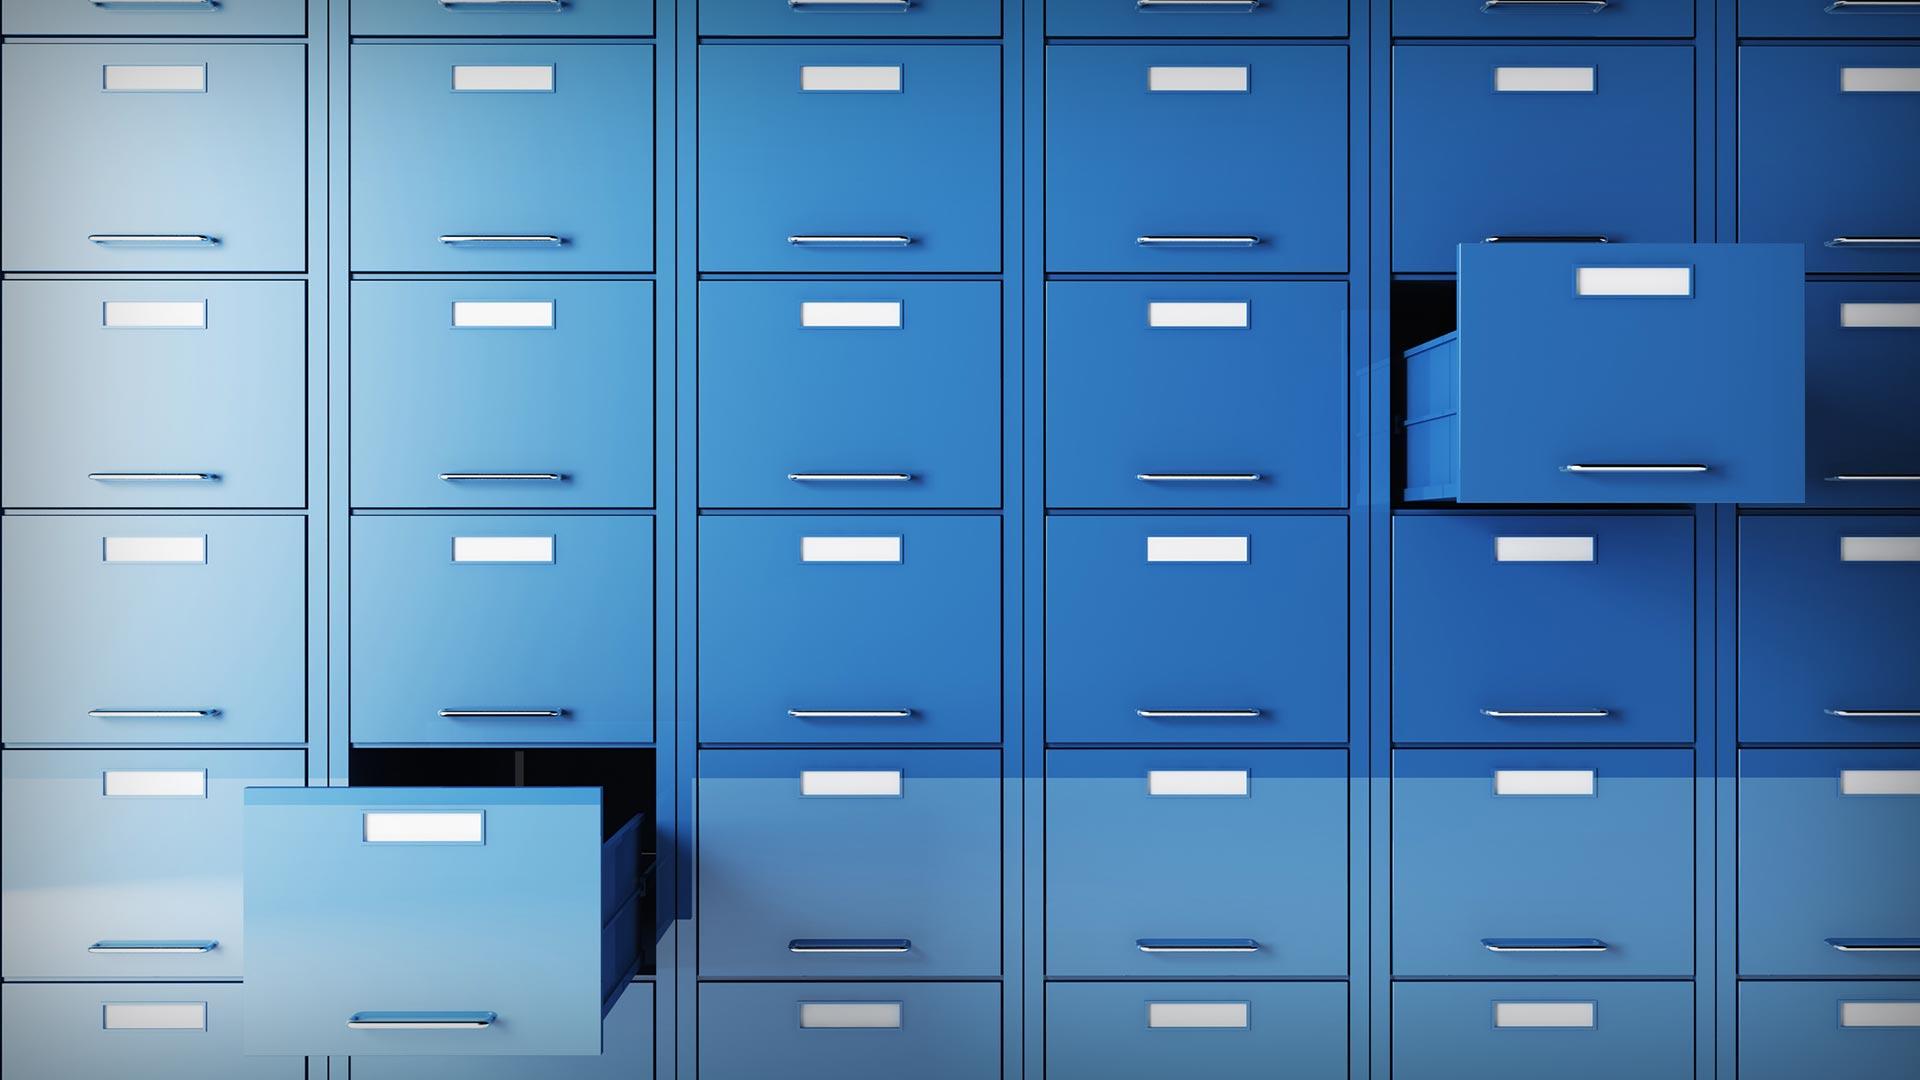 Como renomear vários arquivos de uma vez